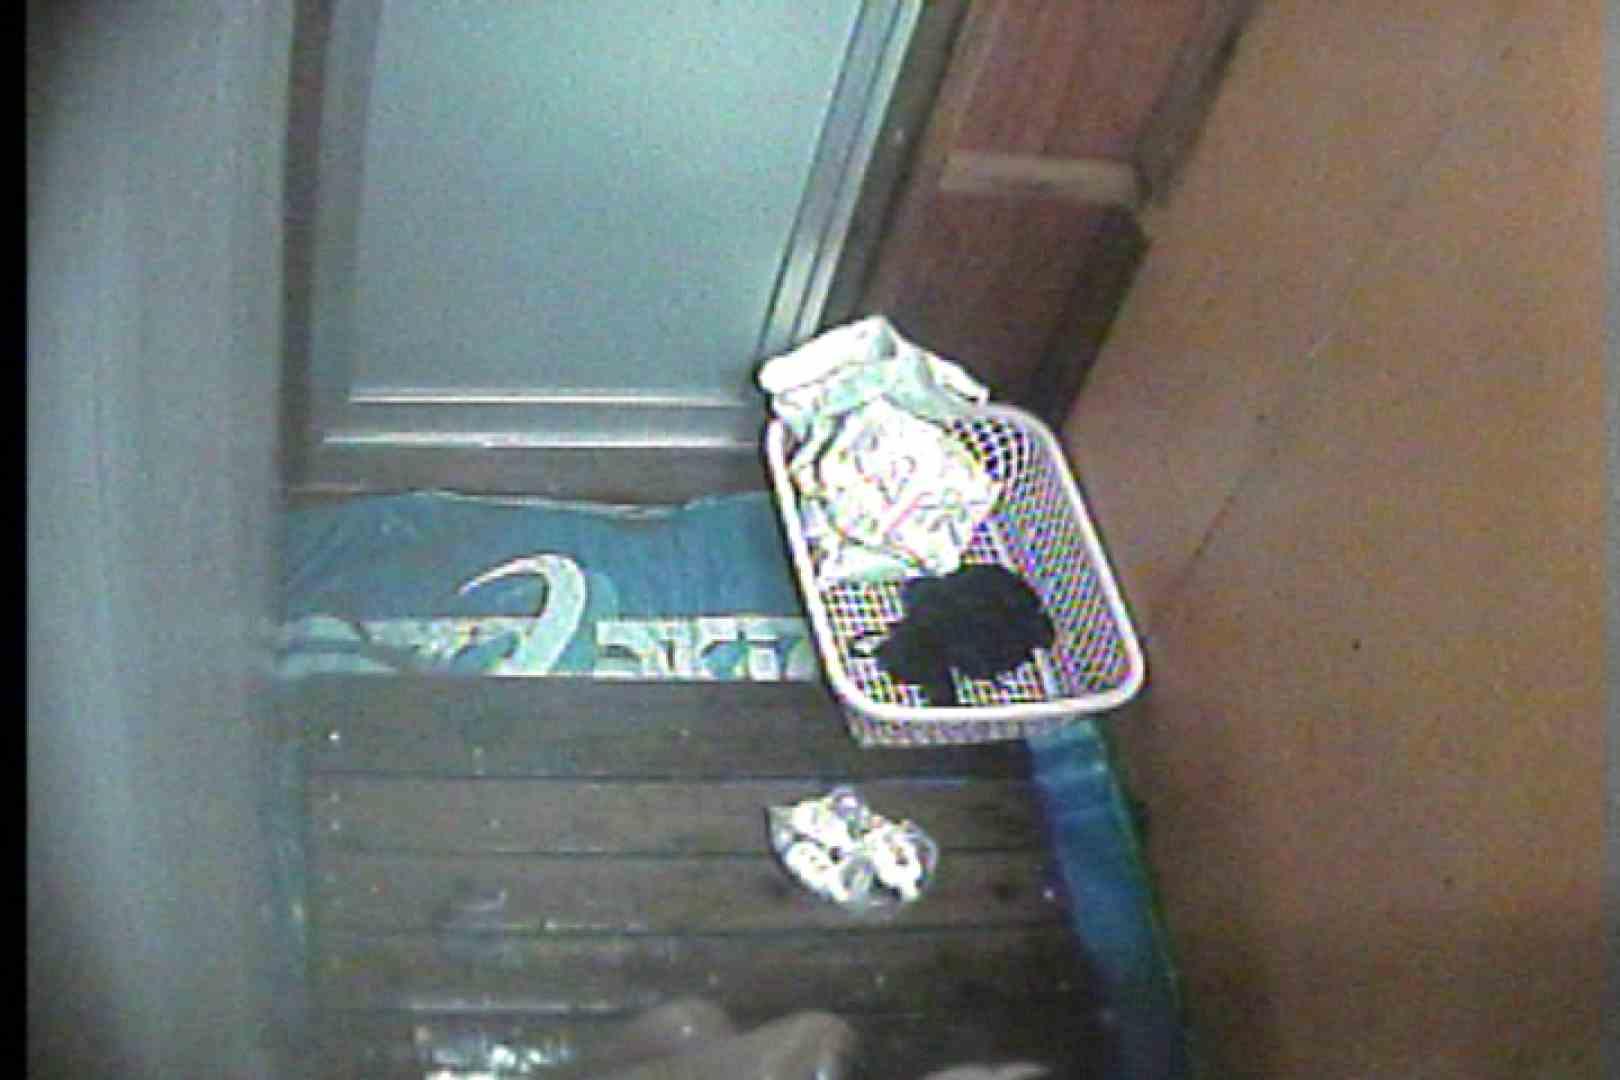 海の家の更衣室 Vol.35 シャワー室 オマンコ動画キャプチャ 77枚 61